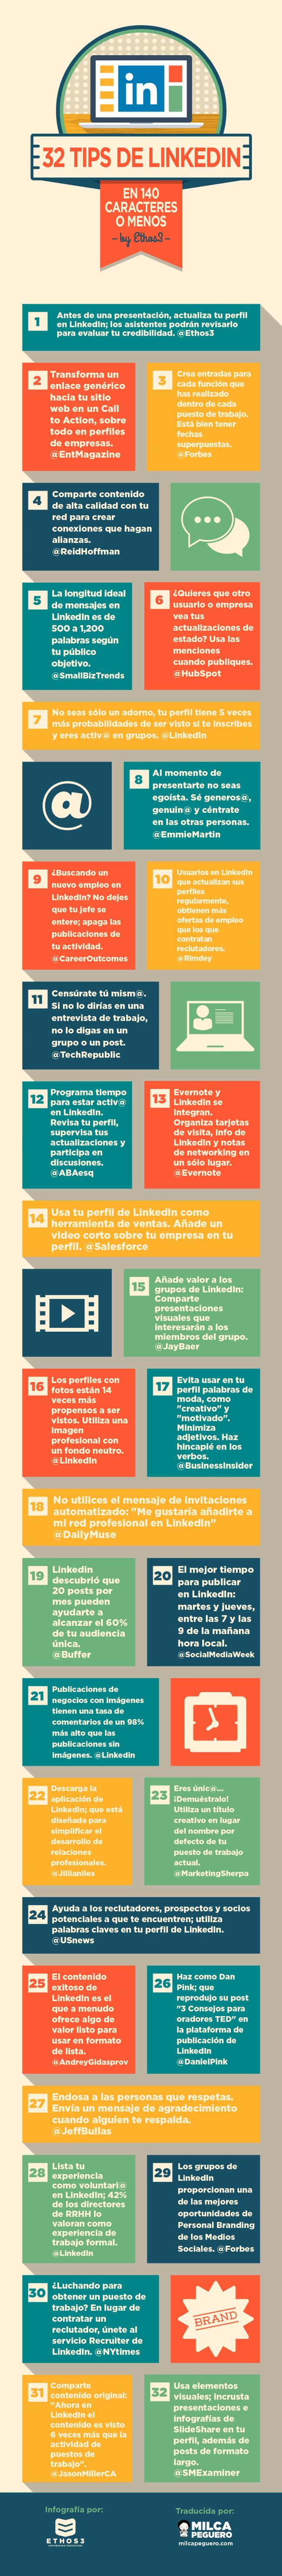 infografía con 33 consejos sobre Linkedin